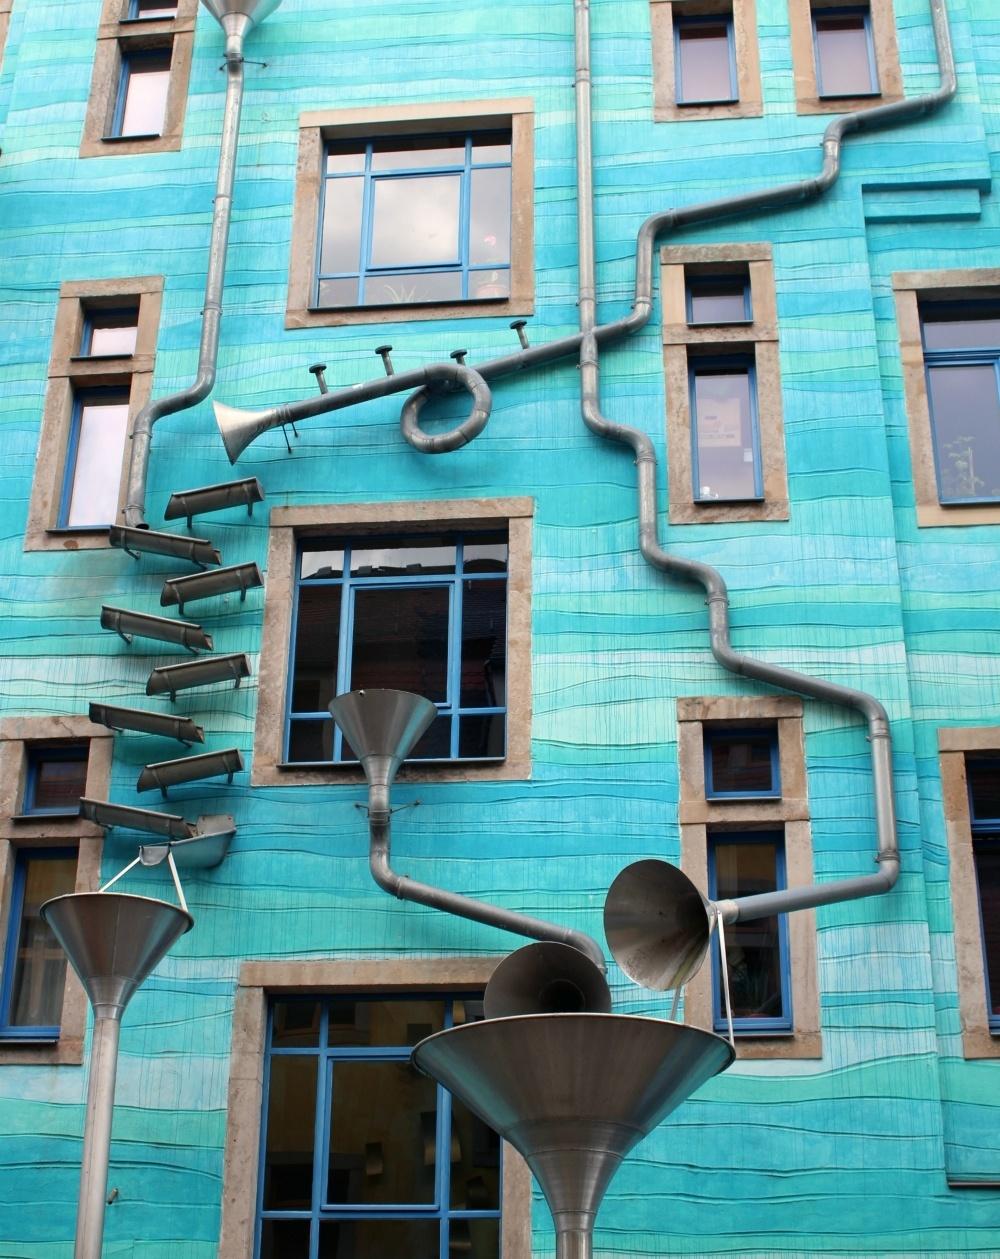 Kunsthofpassage in Neustadt Dresden Photo Brosis on Pixabay